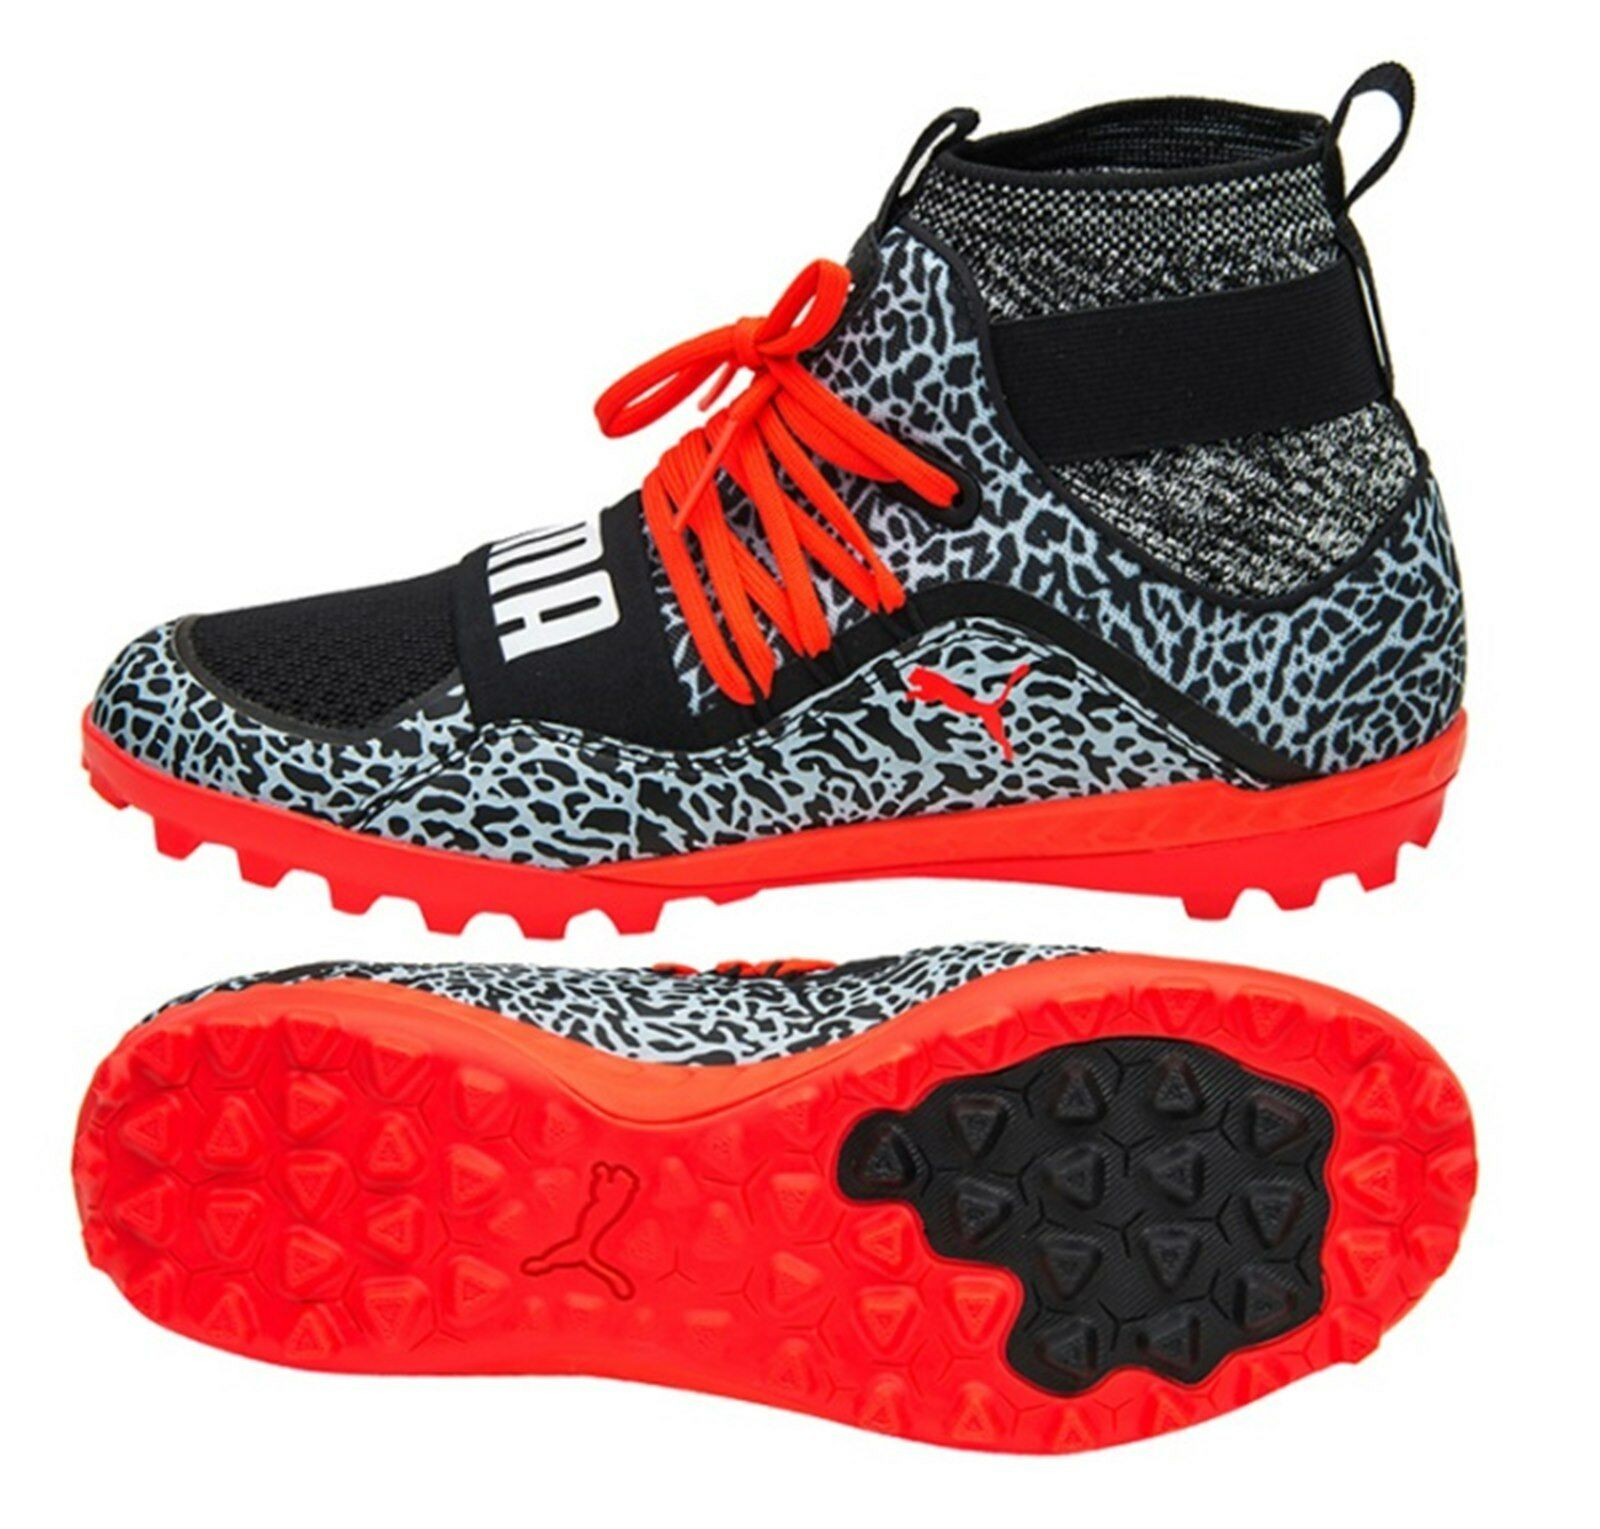 Puma Para Hombre Botines De Fútbol 365.18 Ignite High St Zapatos De Futsal negro con puntas de 104703-01